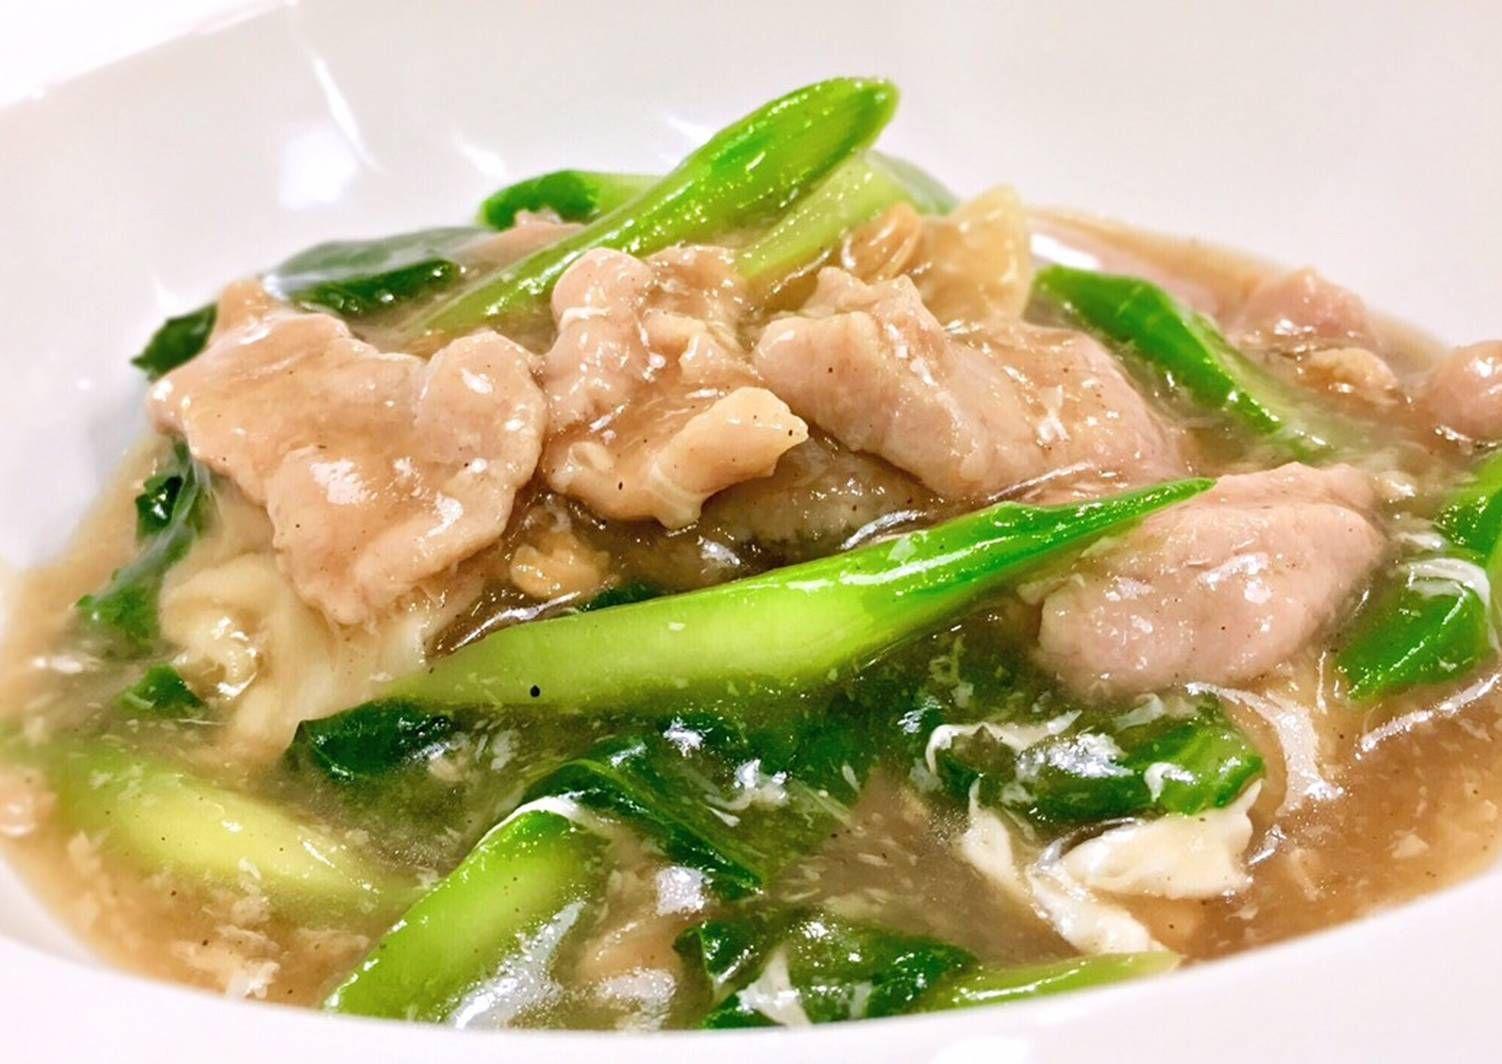 ส ตร ราดหน าหม หม ก โดย Natchakorn R ส ตรอาหาร อาหารใต อาหารง ายๆ อาหาร